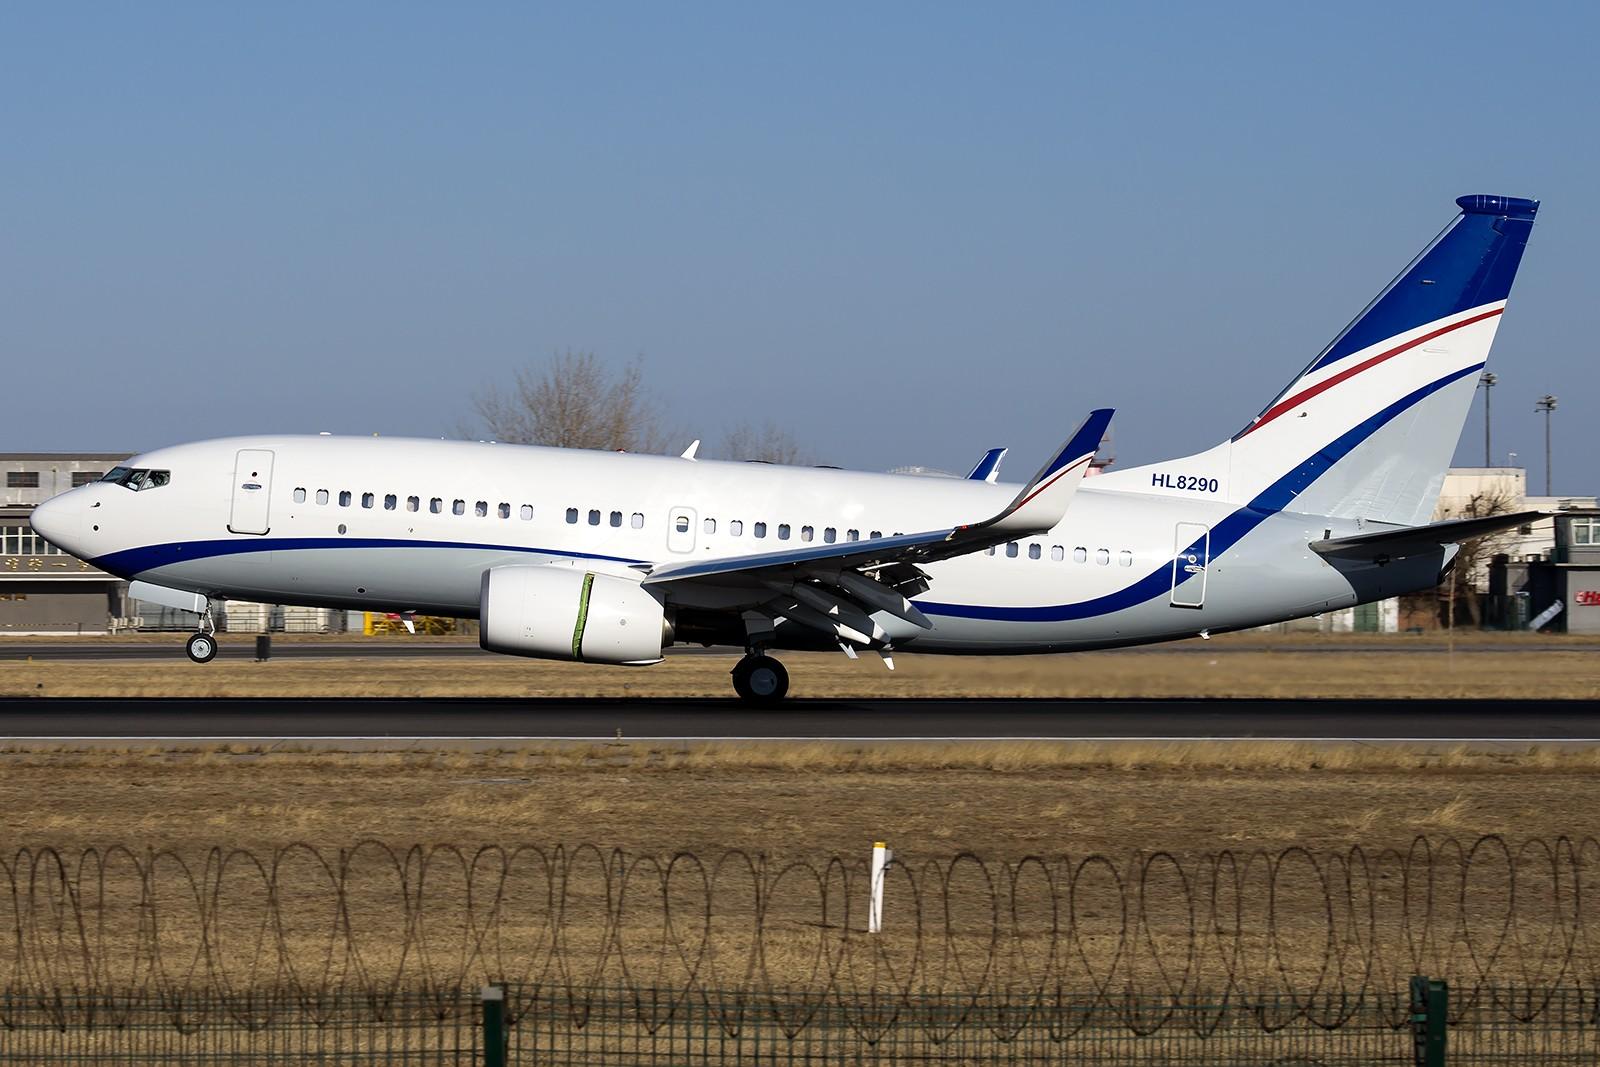 [原创][一图党] 别人P3拉起,棒子P3接地,也是醉了... BOEING 737-7GE(BBJ) HL8290 中国北京首都国际机场